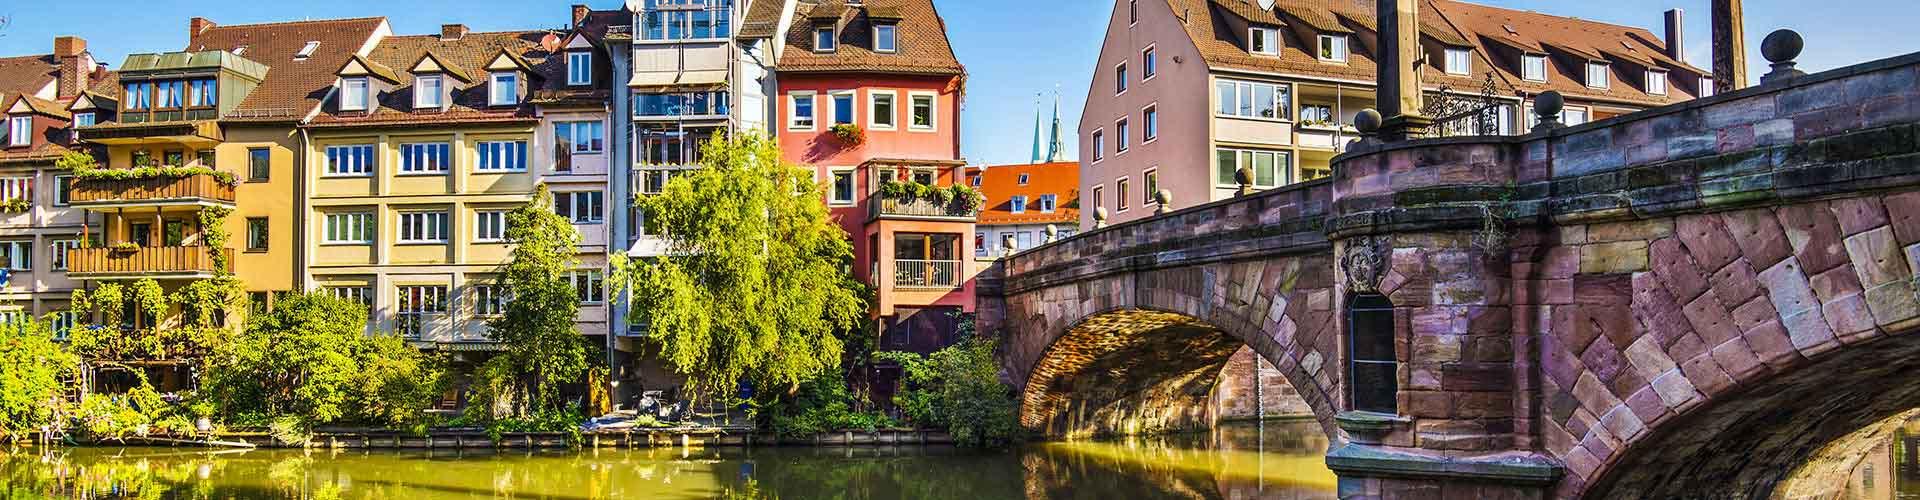 Nuremberg - Chambres pas chères dans le quartier de Gleissbuehl. Cartes pour Nuremberg, photos et commentaires pour chaque chambre à Nuremberg.